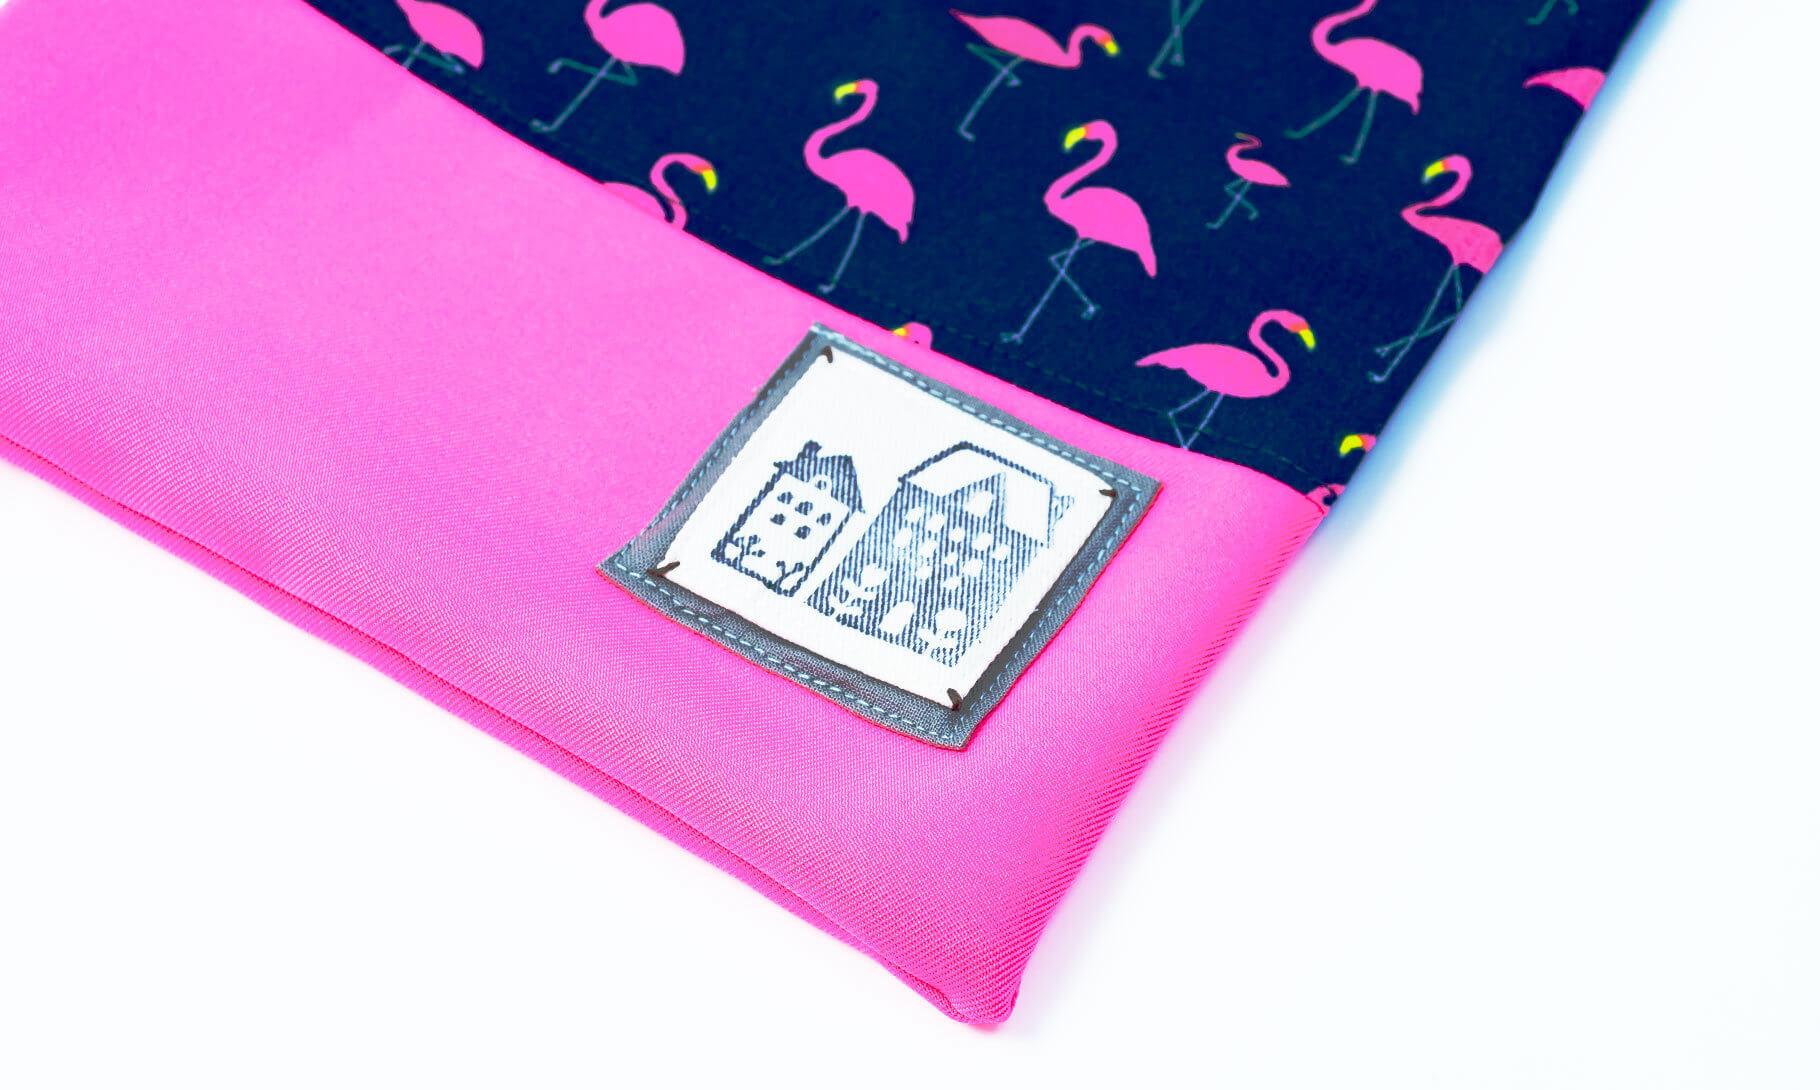 コップ袋(フラミンゴネイビー、蛍光ピンク)モチーフ